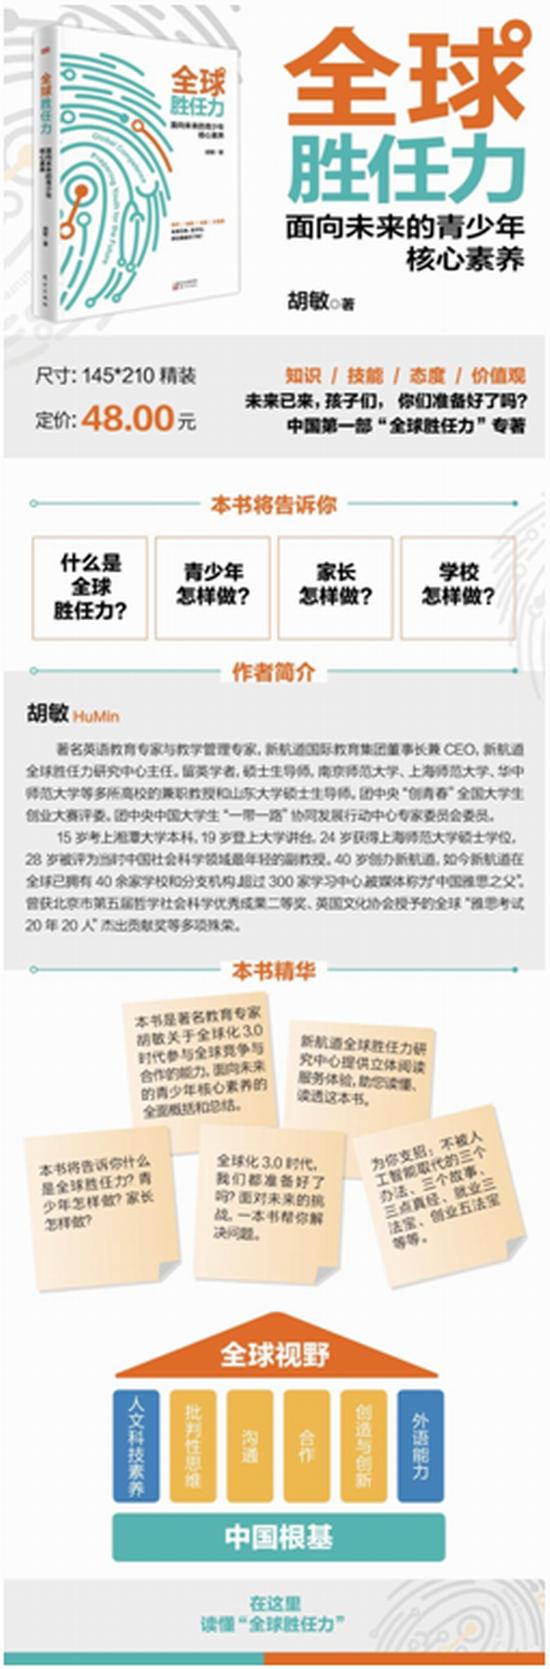 中国第一部全球胜任力专著问世,成教育界关注焦点